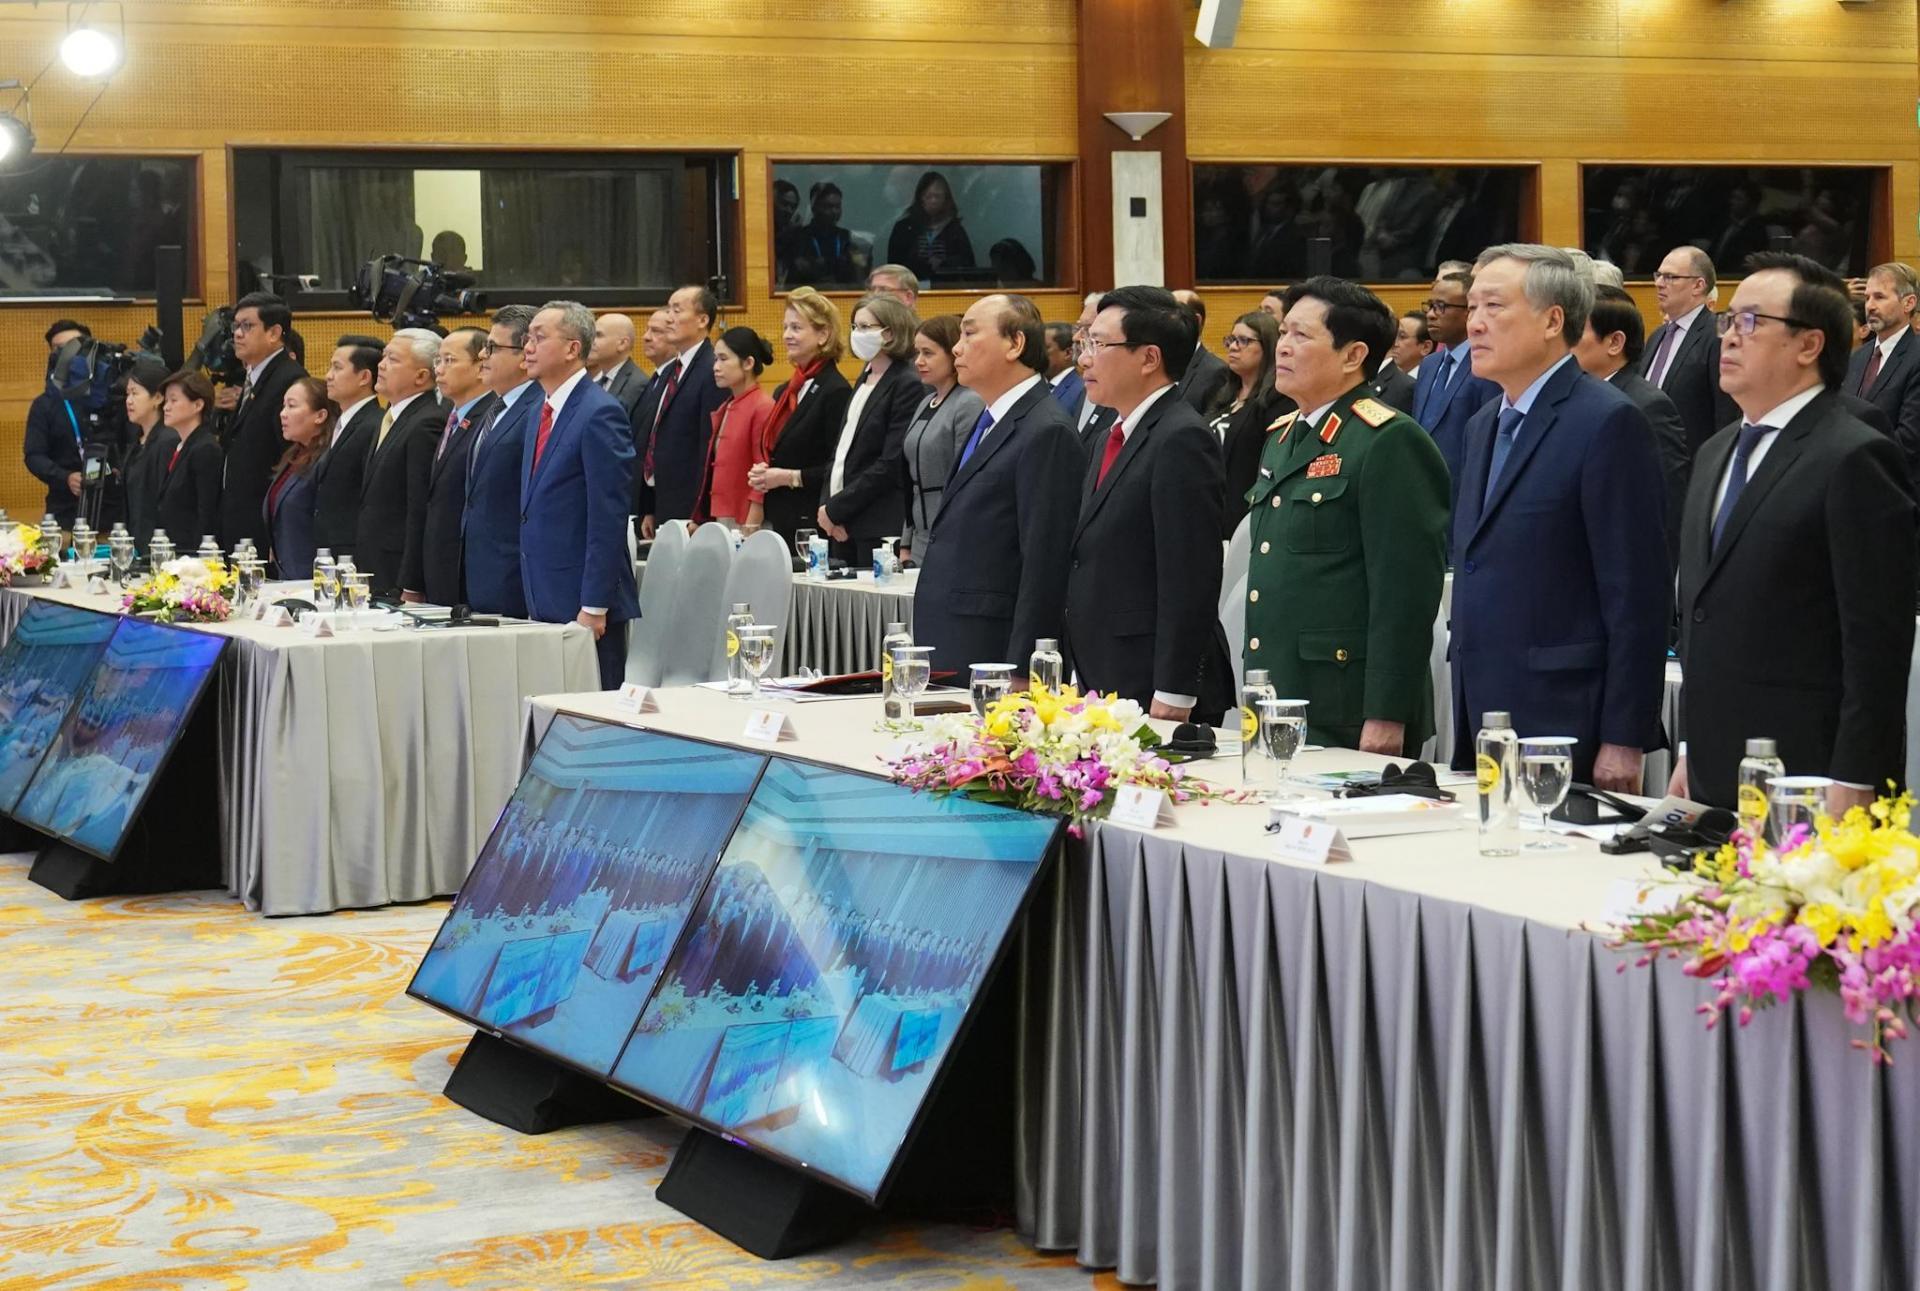 Các đại biểu dự lễ bế mạc Hội nghị Cấp cao ASEAN lần thứ 37 tại đầu cầu Hà Nội.